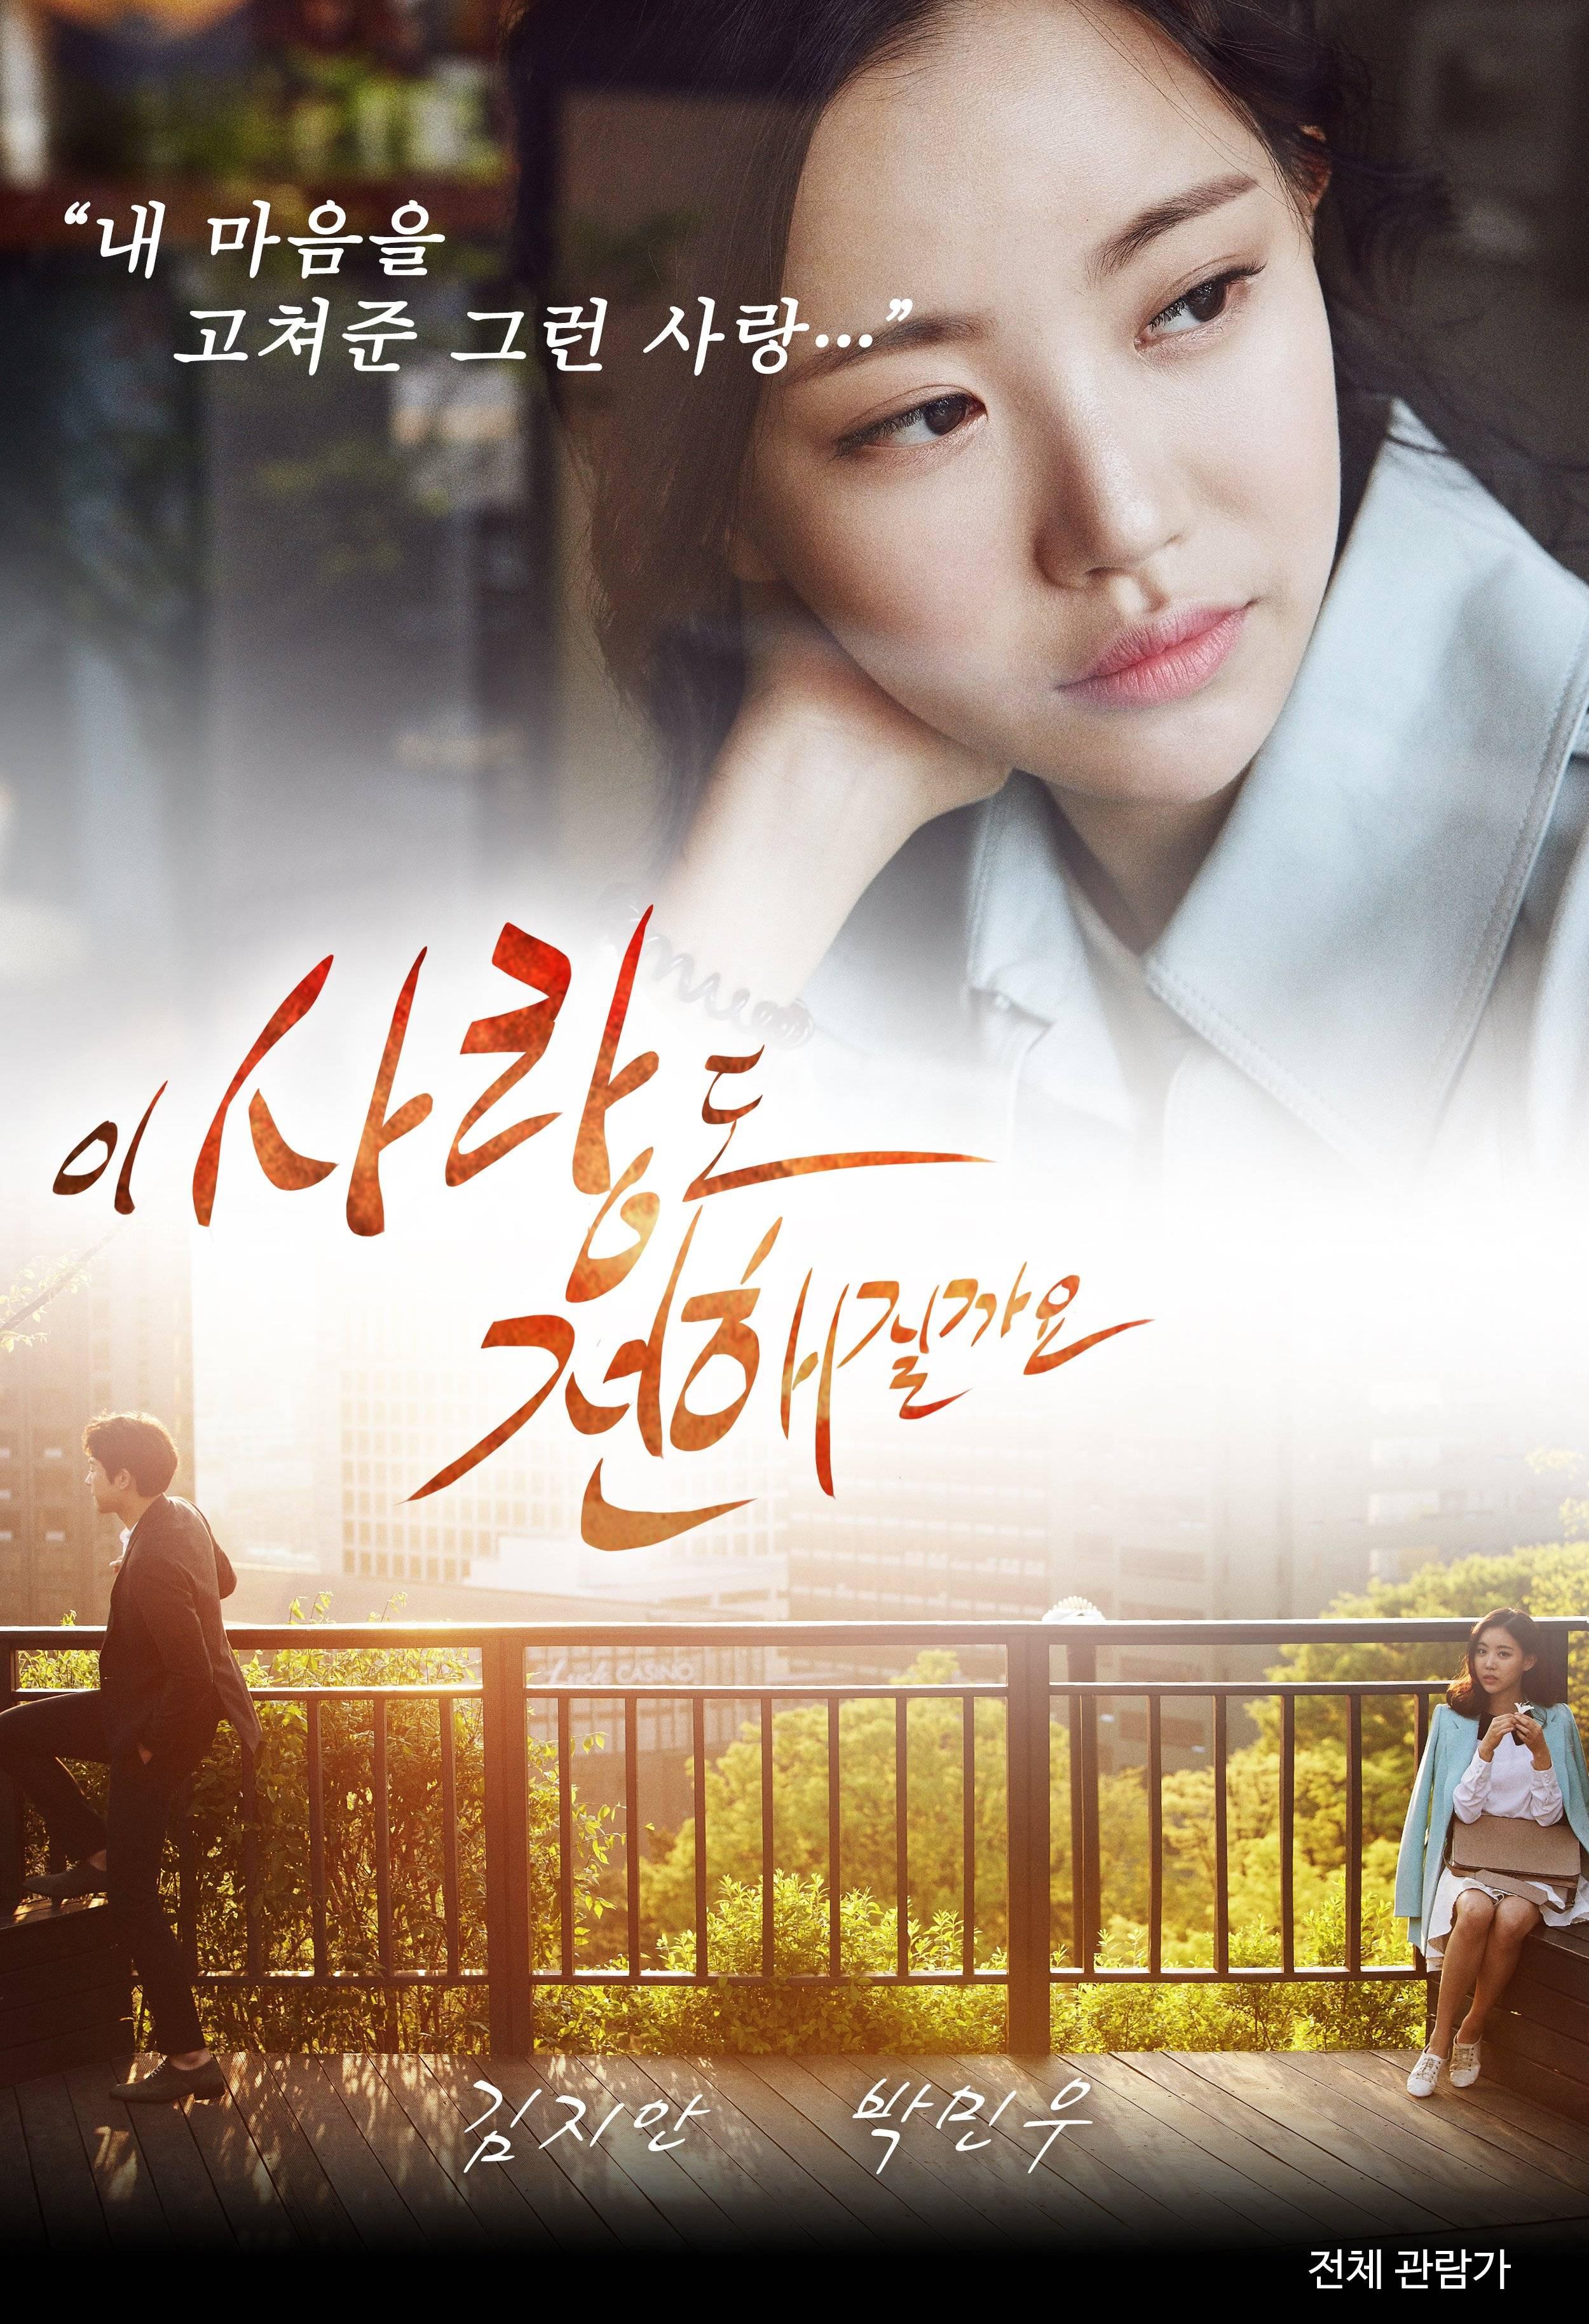 Korean movie ICLOUD LEAK galleries 74